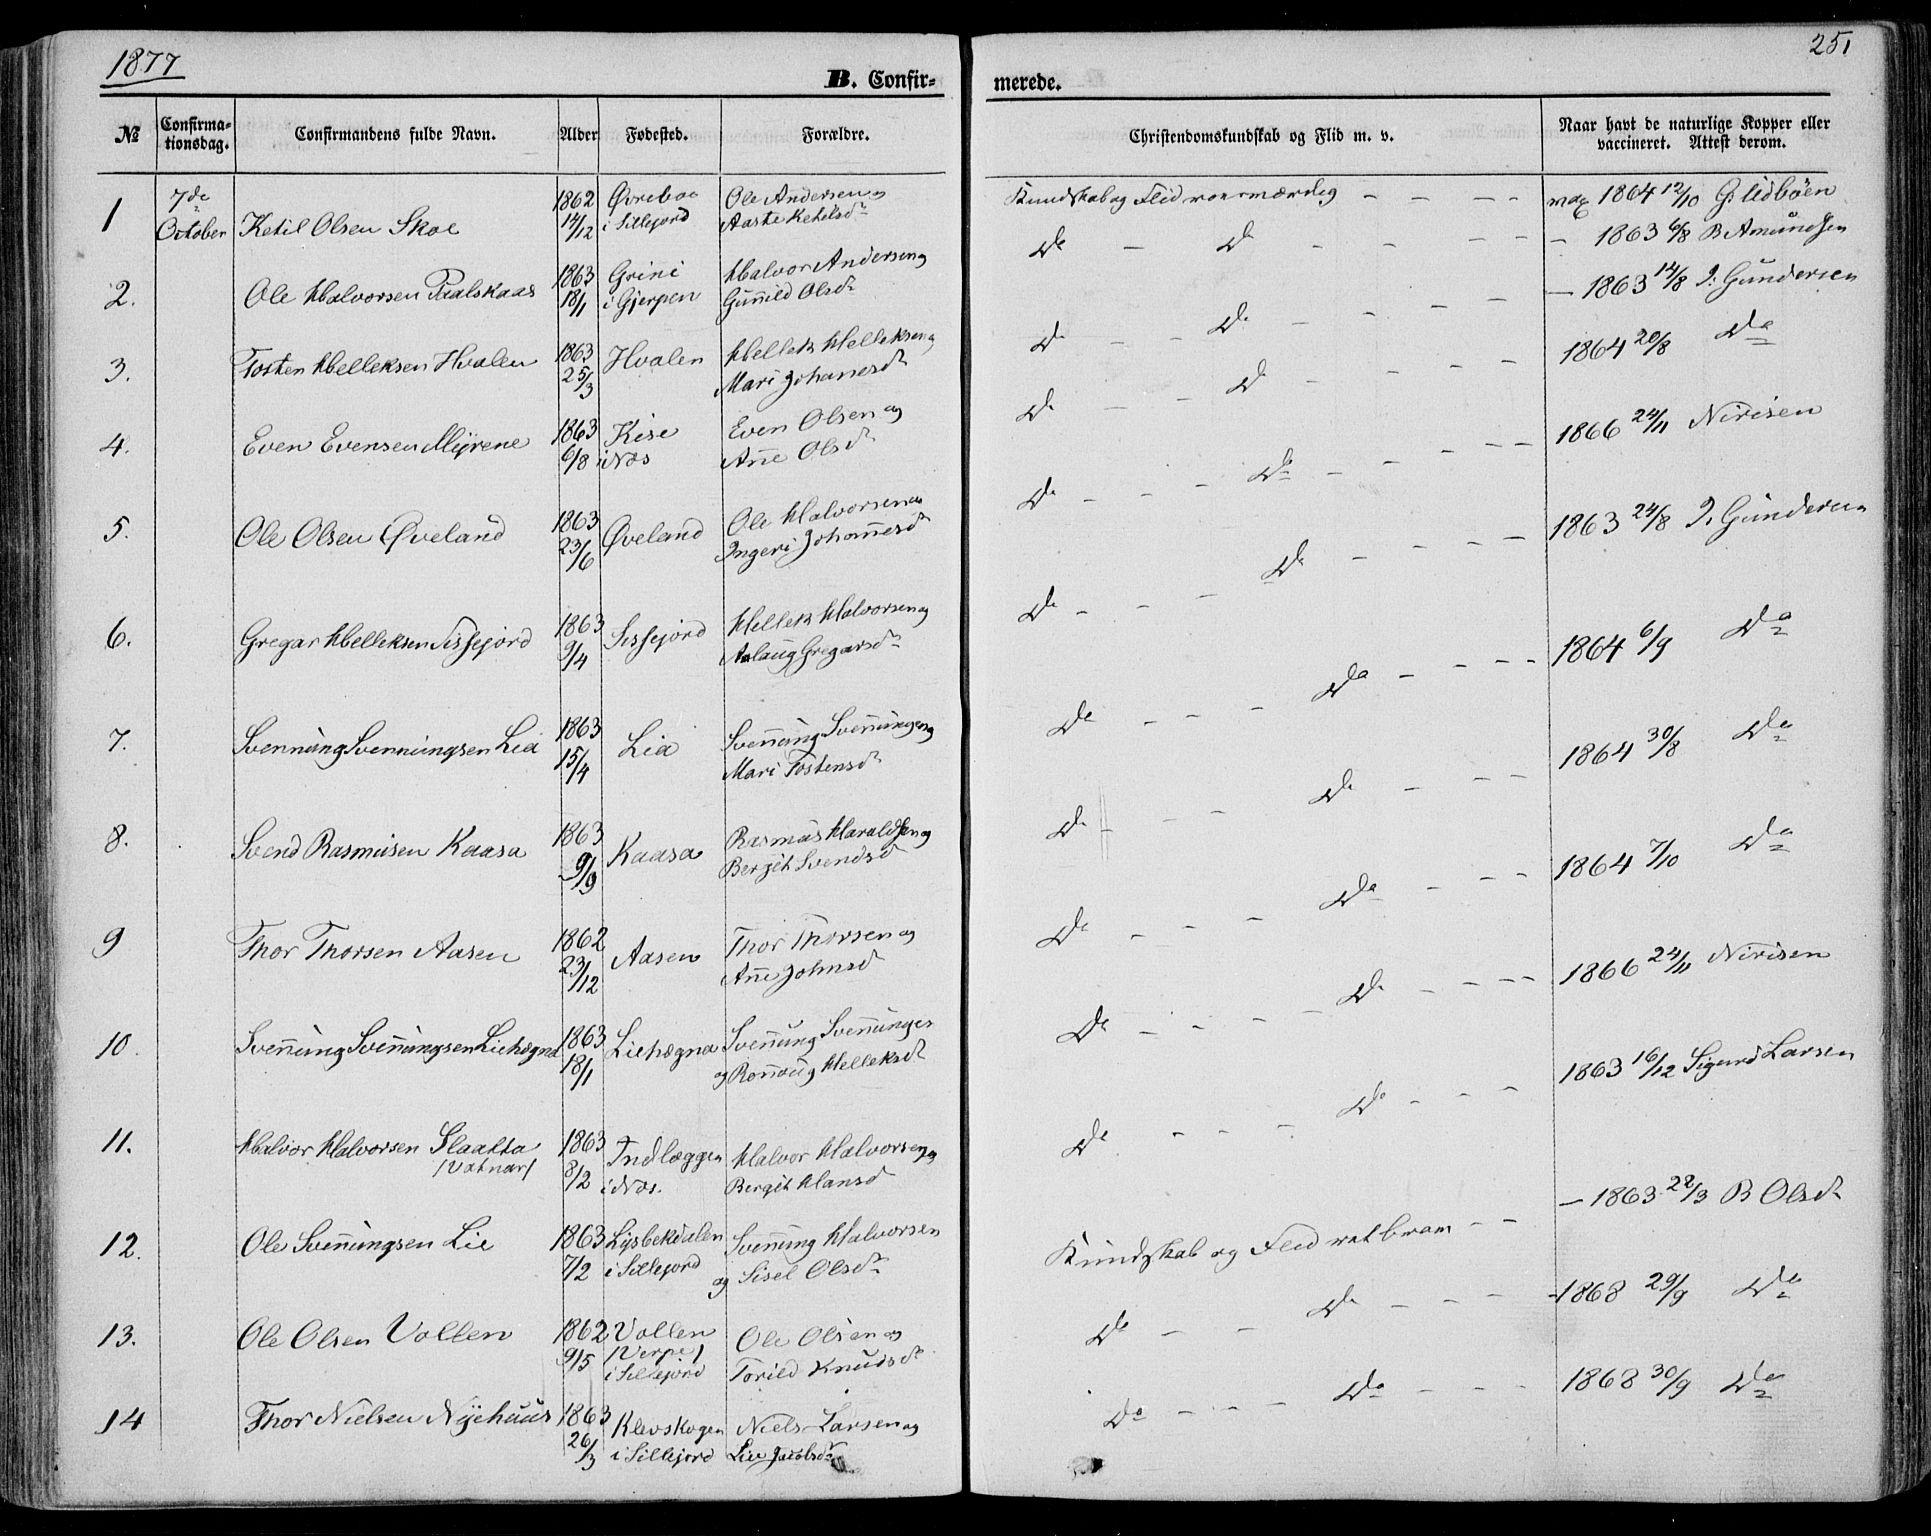 SAKO, Bø kirkebøker, F/Fa/L0009: Ministerialbok nr. 9, 1862-1879, s. 251